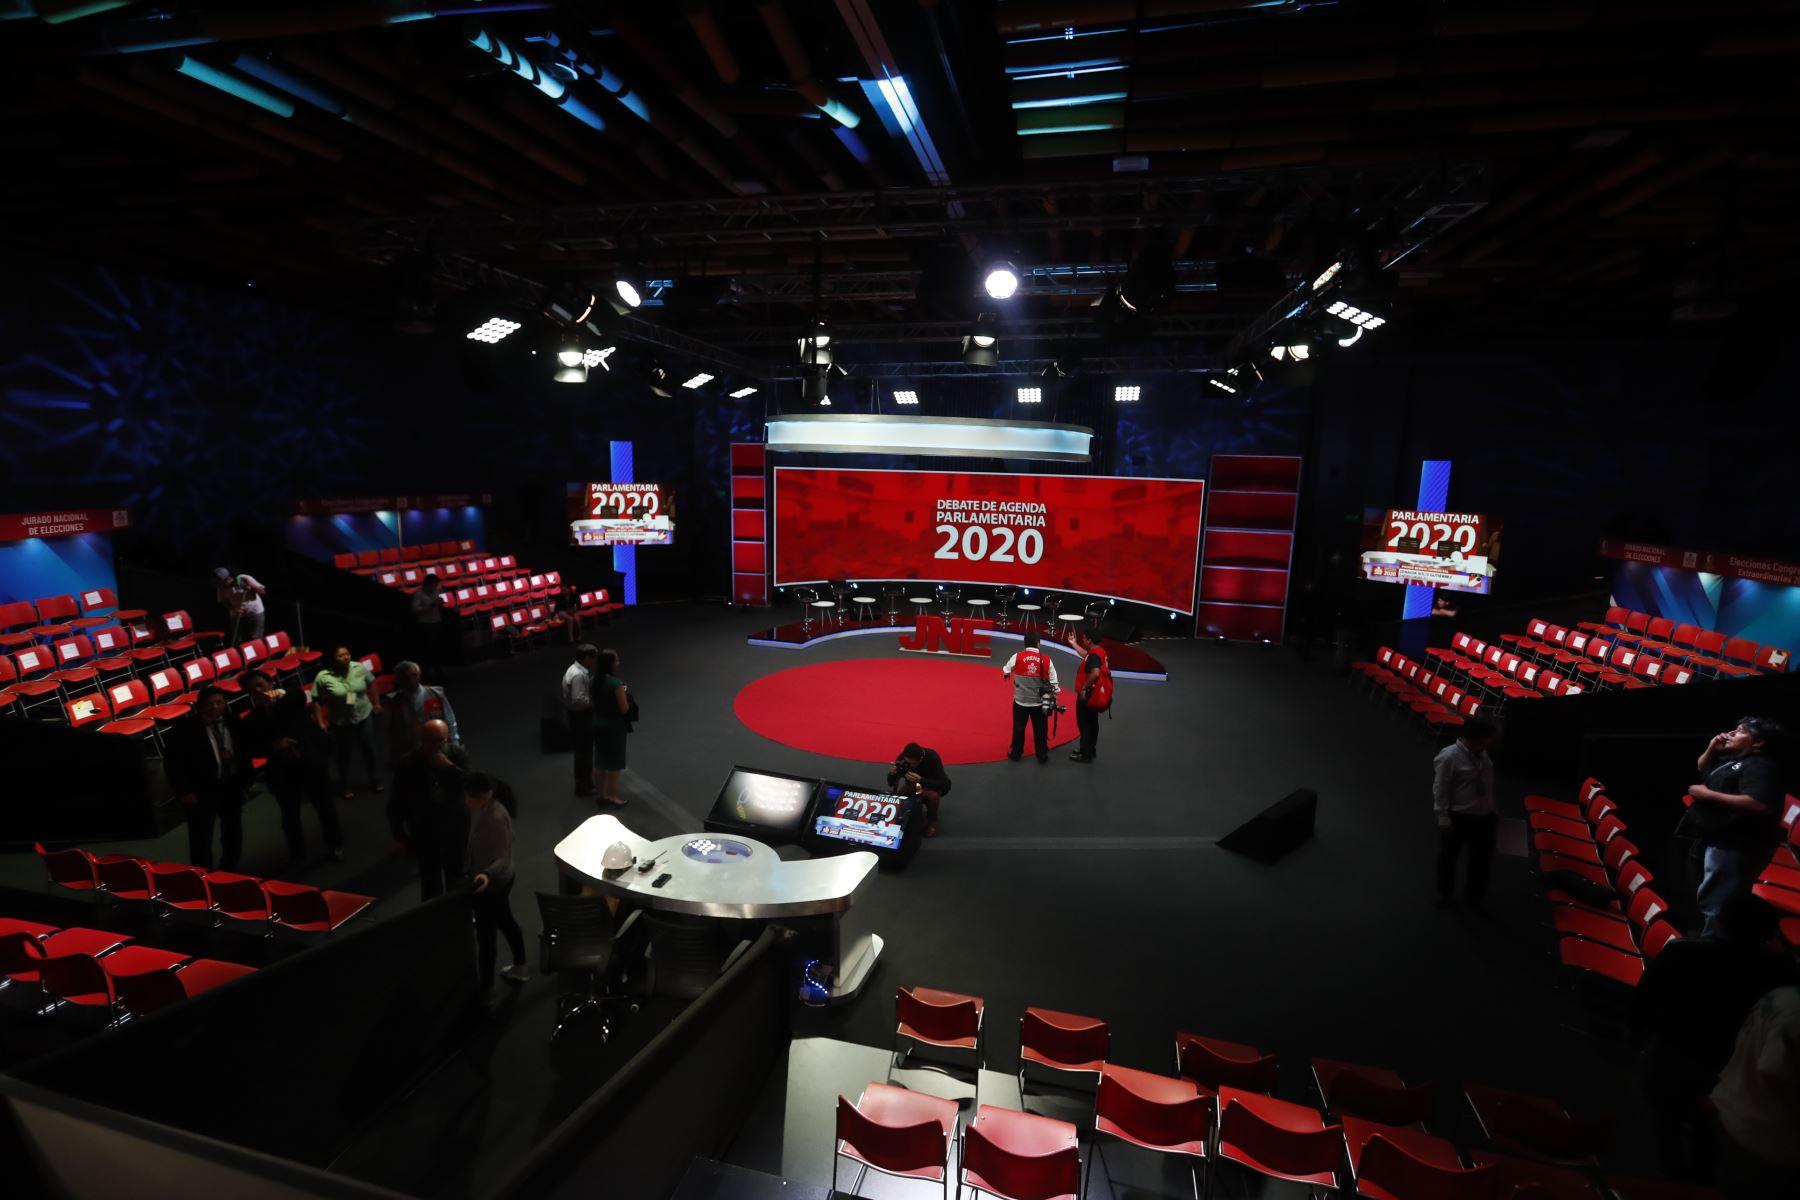 Elecciones 2020. Queda todo listo para iniciar debate de candidatos al Congreso. Foto: ANDINA/Renato Pajuelo